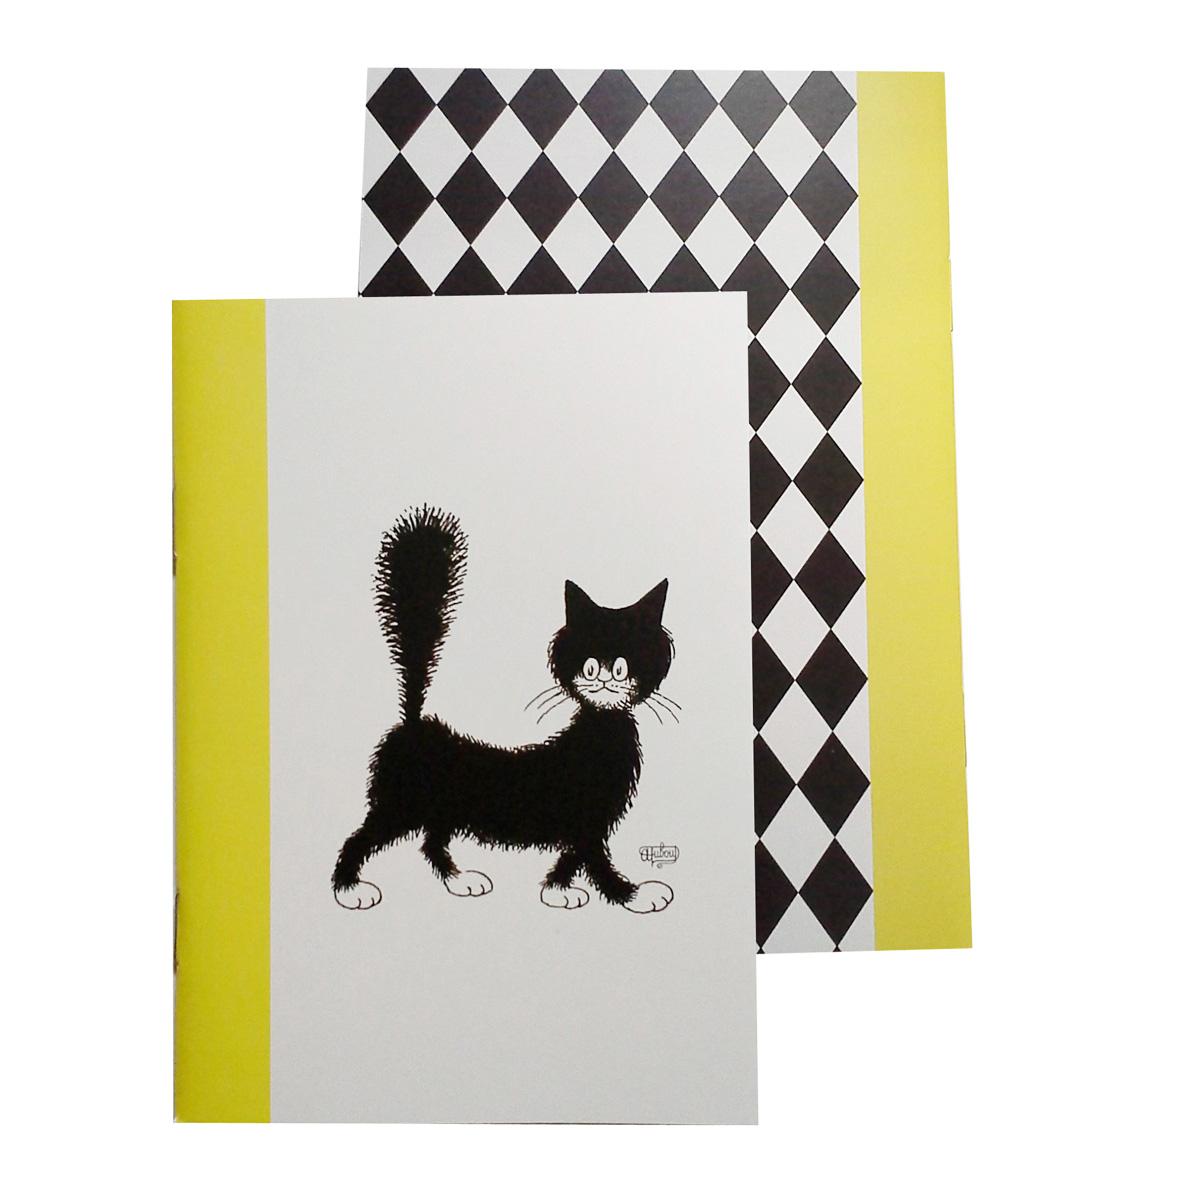 Carnet \'Chats Dubout\' jaune blanc noir (mignonette) - 147x105 cm - [Q9232]